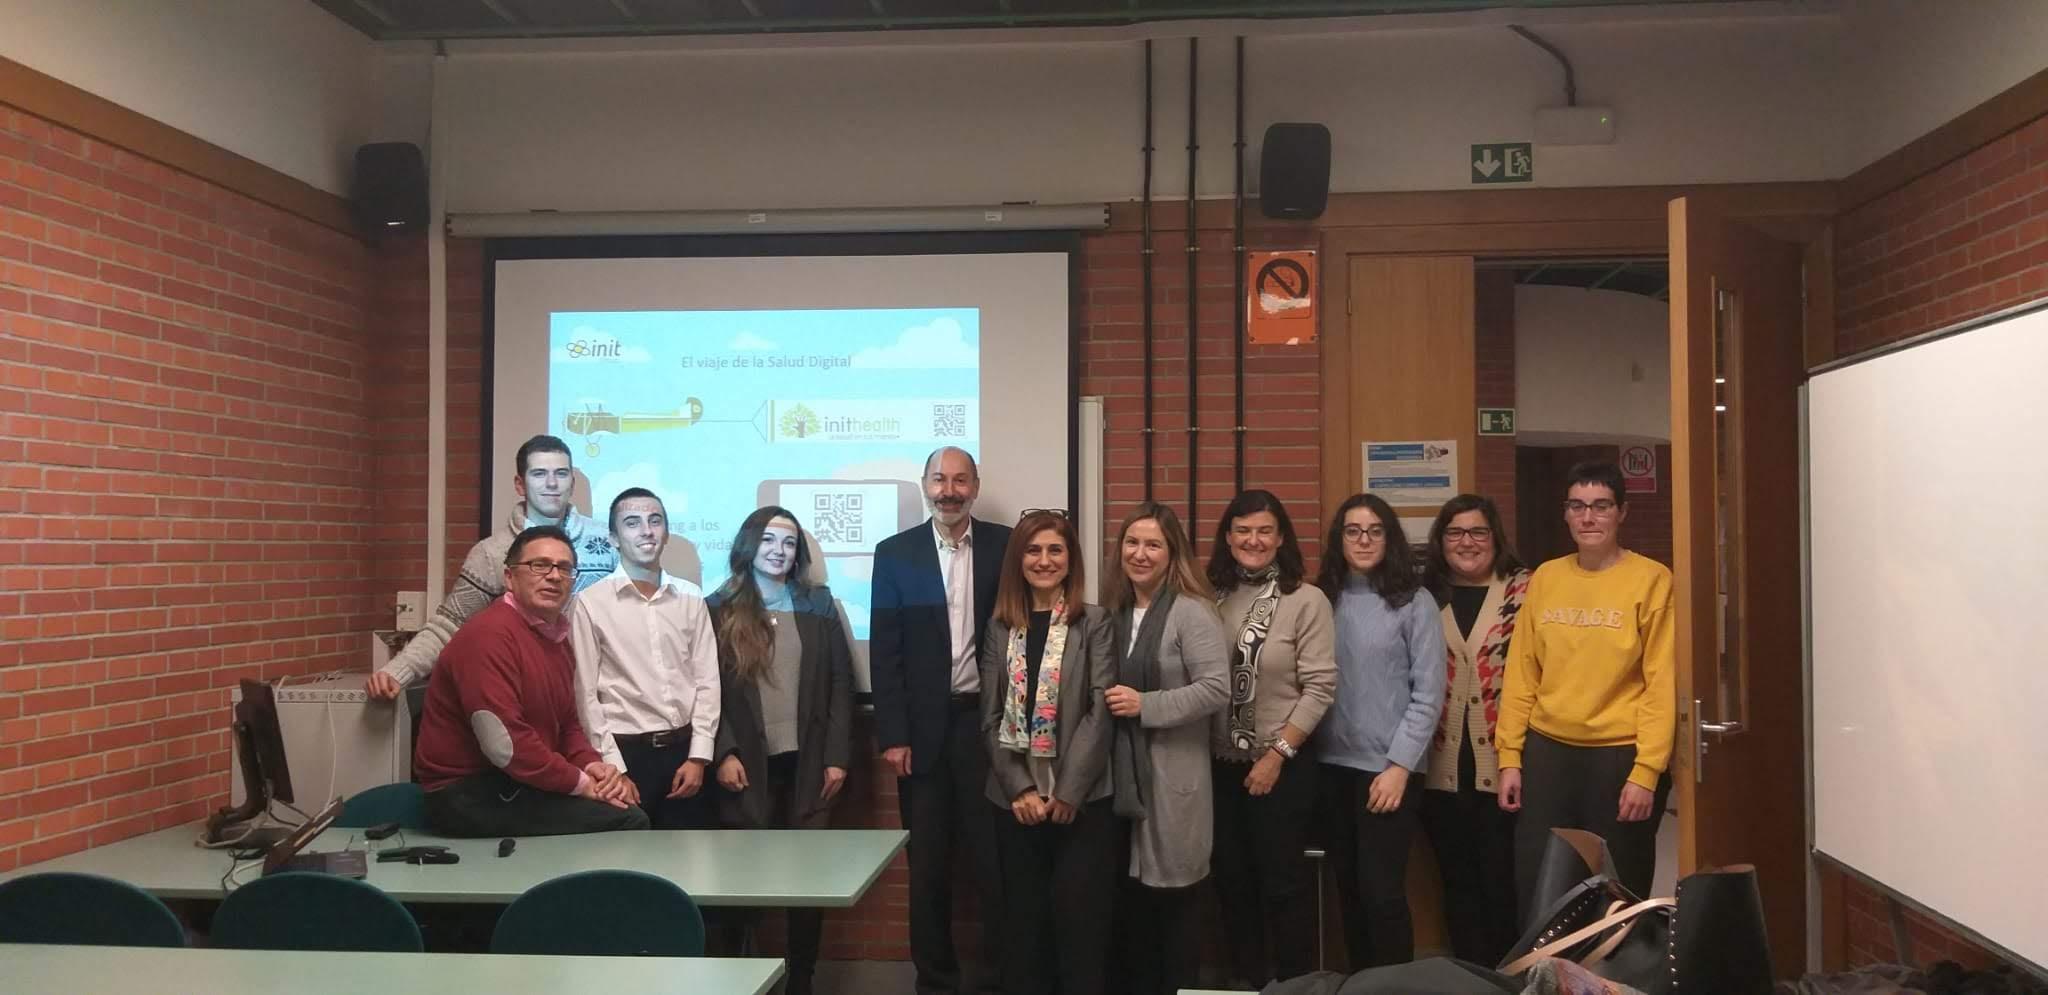 Inithealth participa en el Máster en Ciencias Actuariales y Financieras de la Universidad del País Vasco UPV/EHU